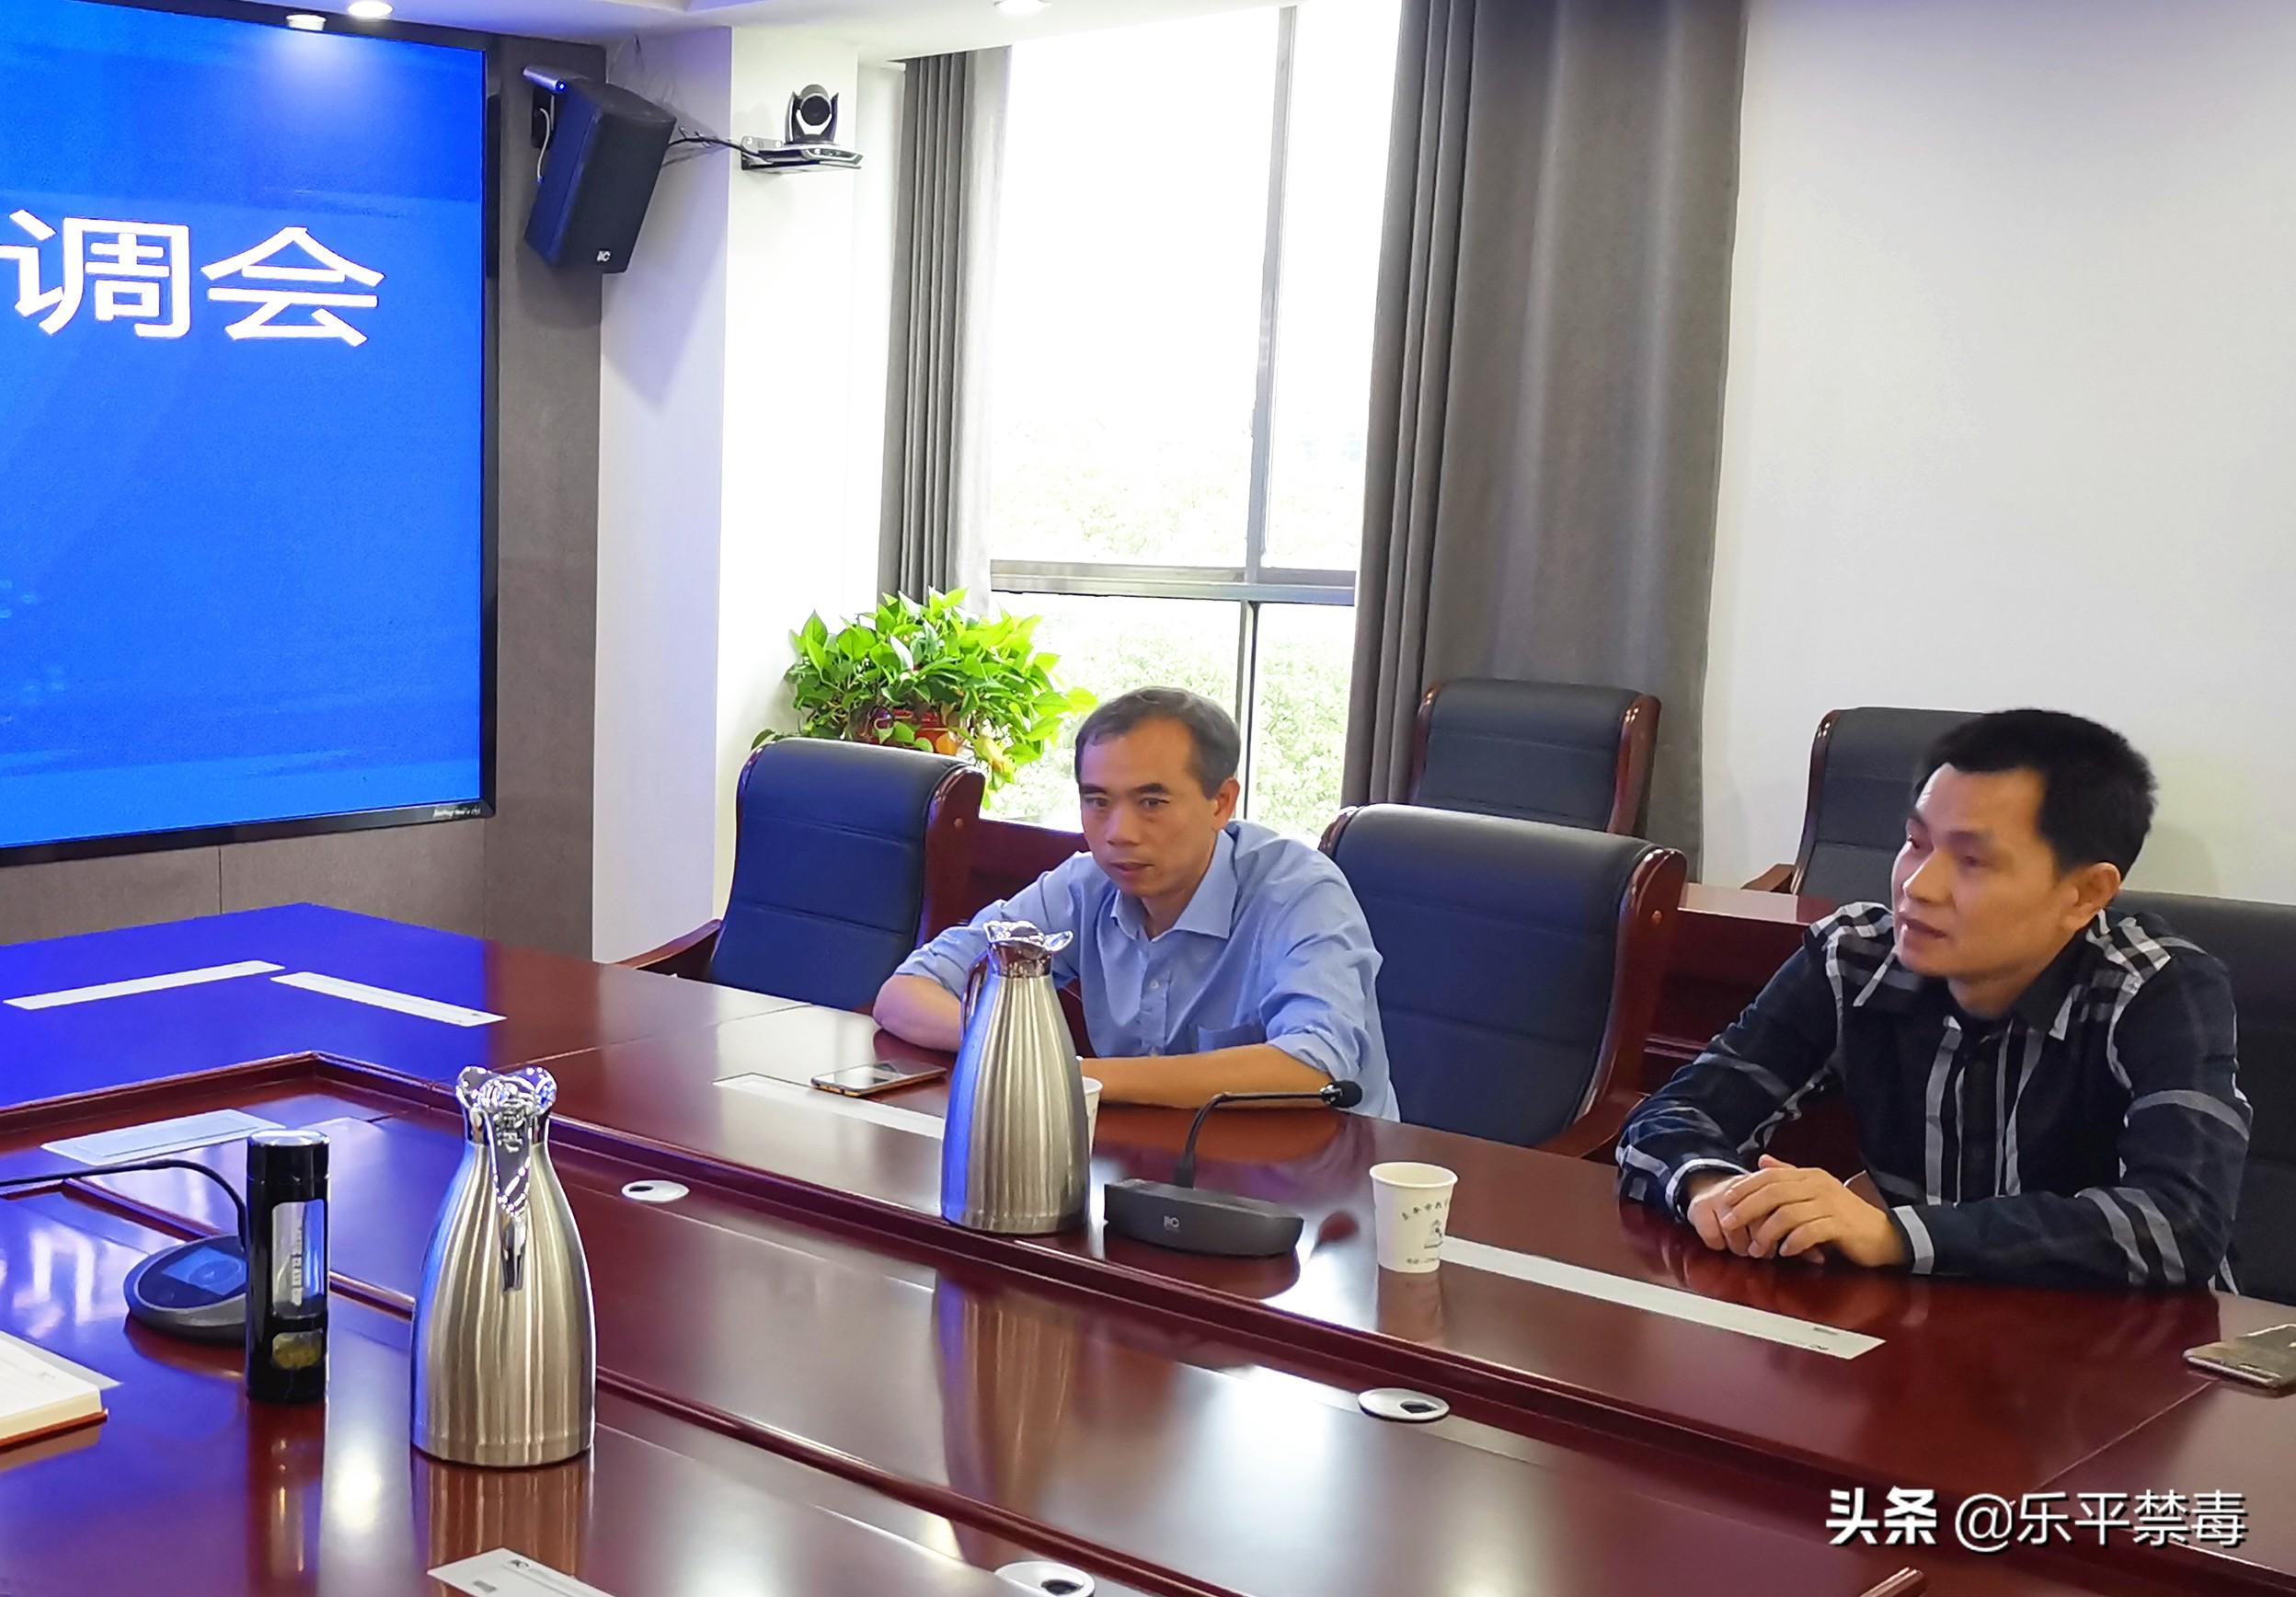 乐平市积极推动2020年全国青少年禁毒知识竞赛活动